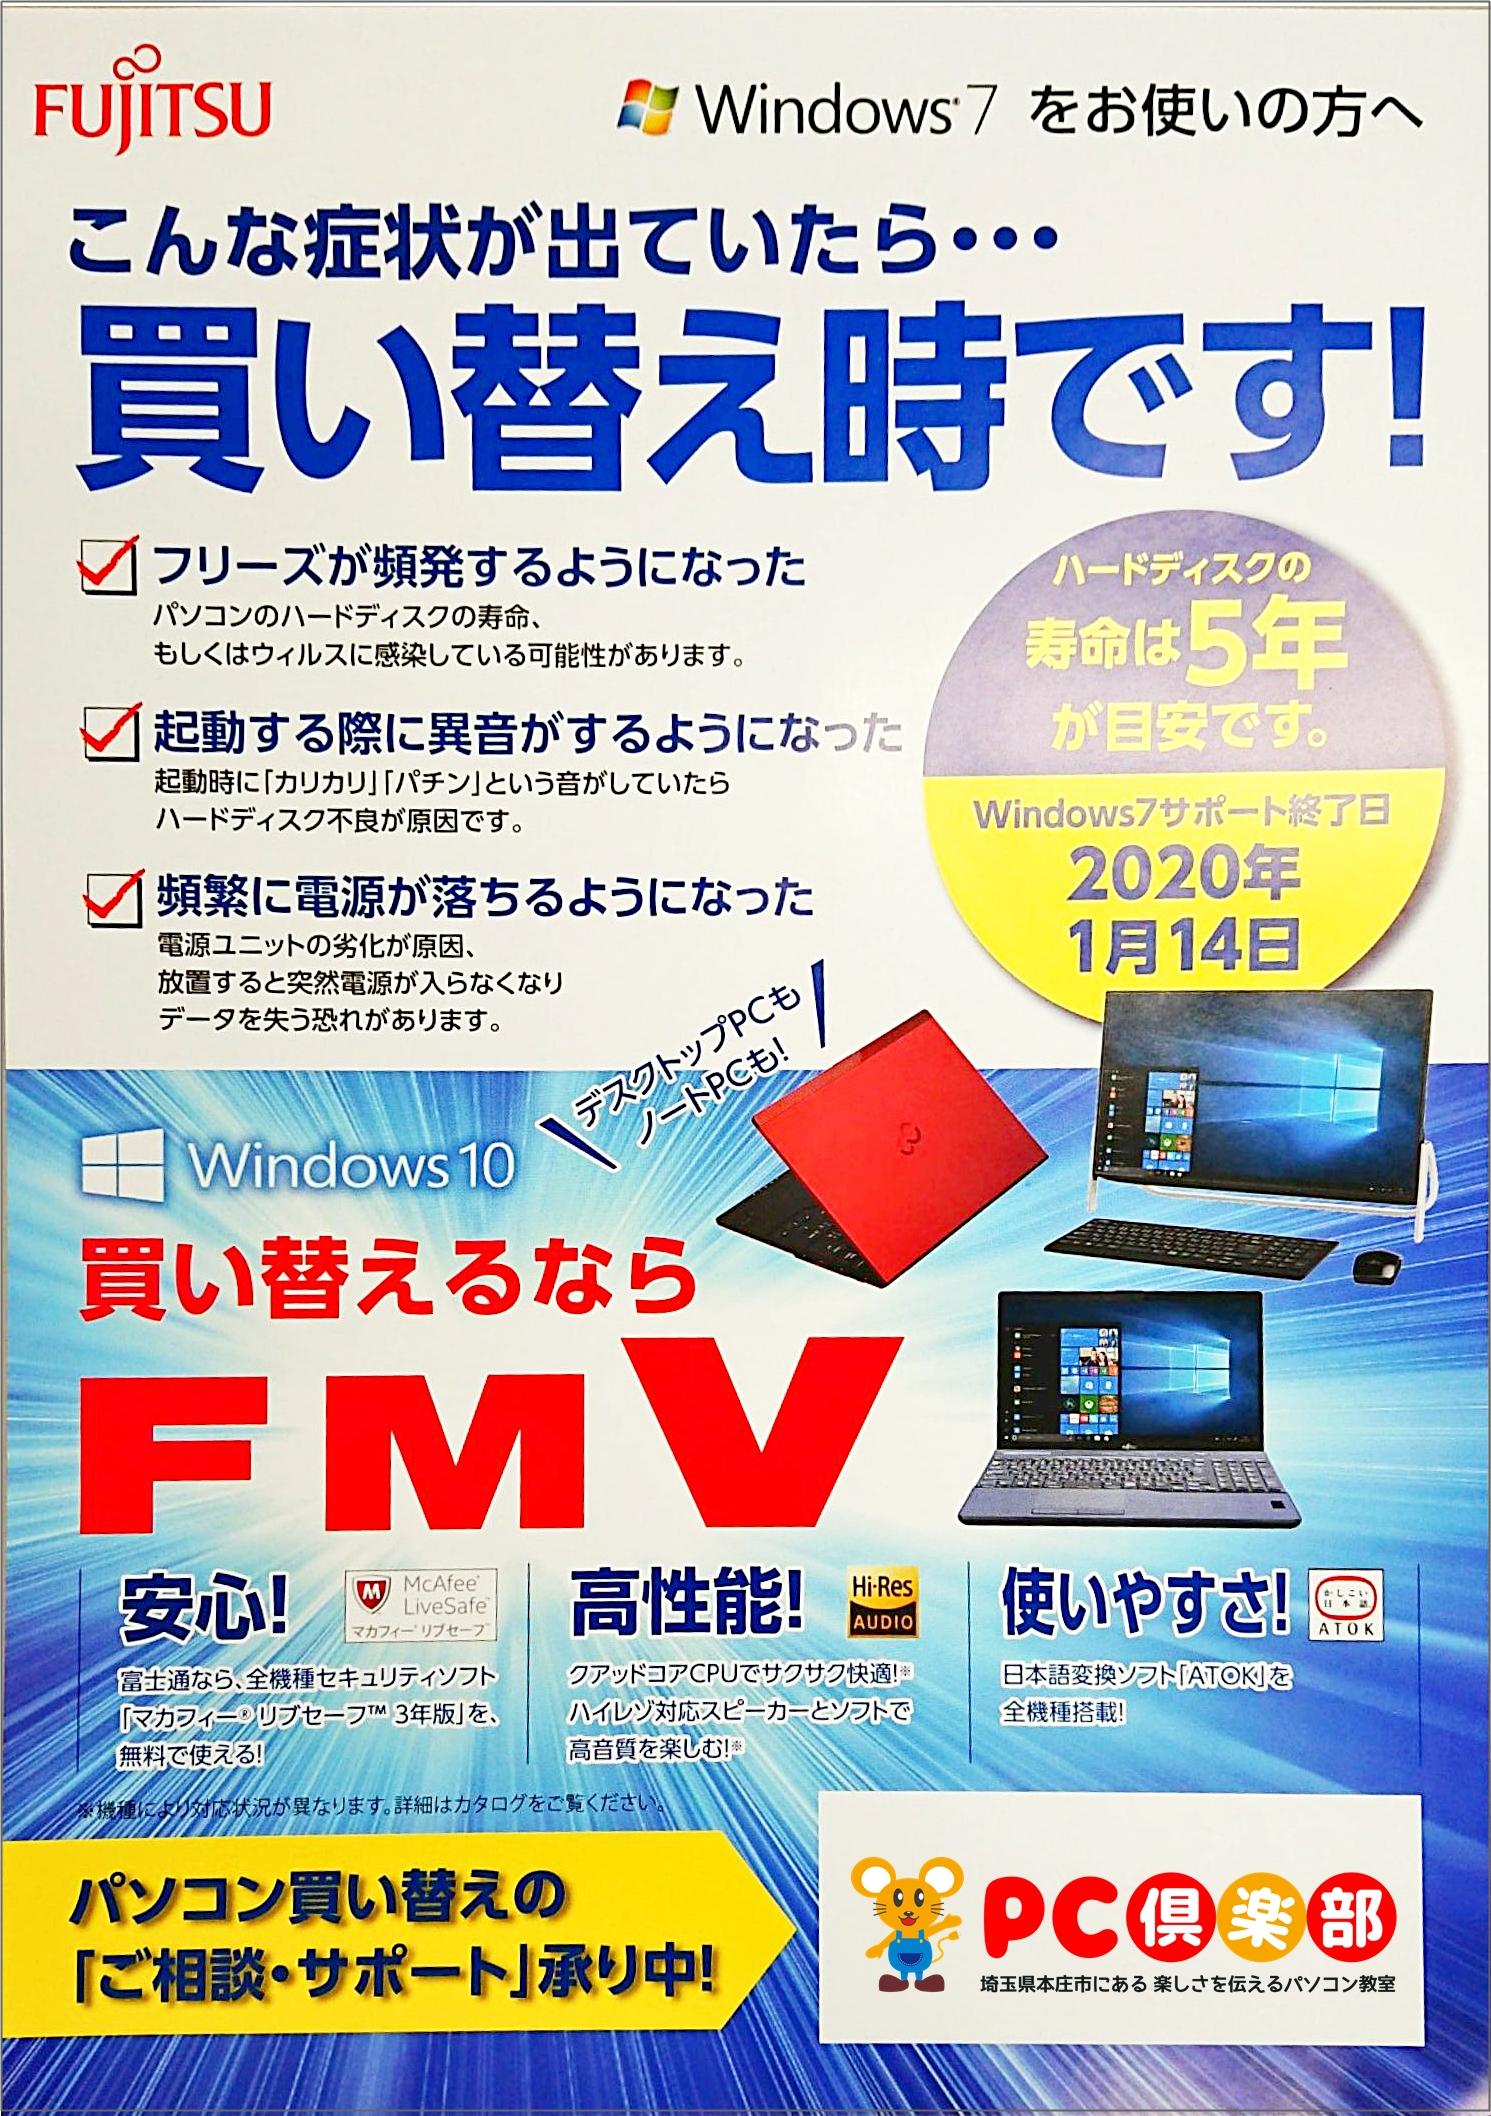 2018_07_03 16_11 Office Lens